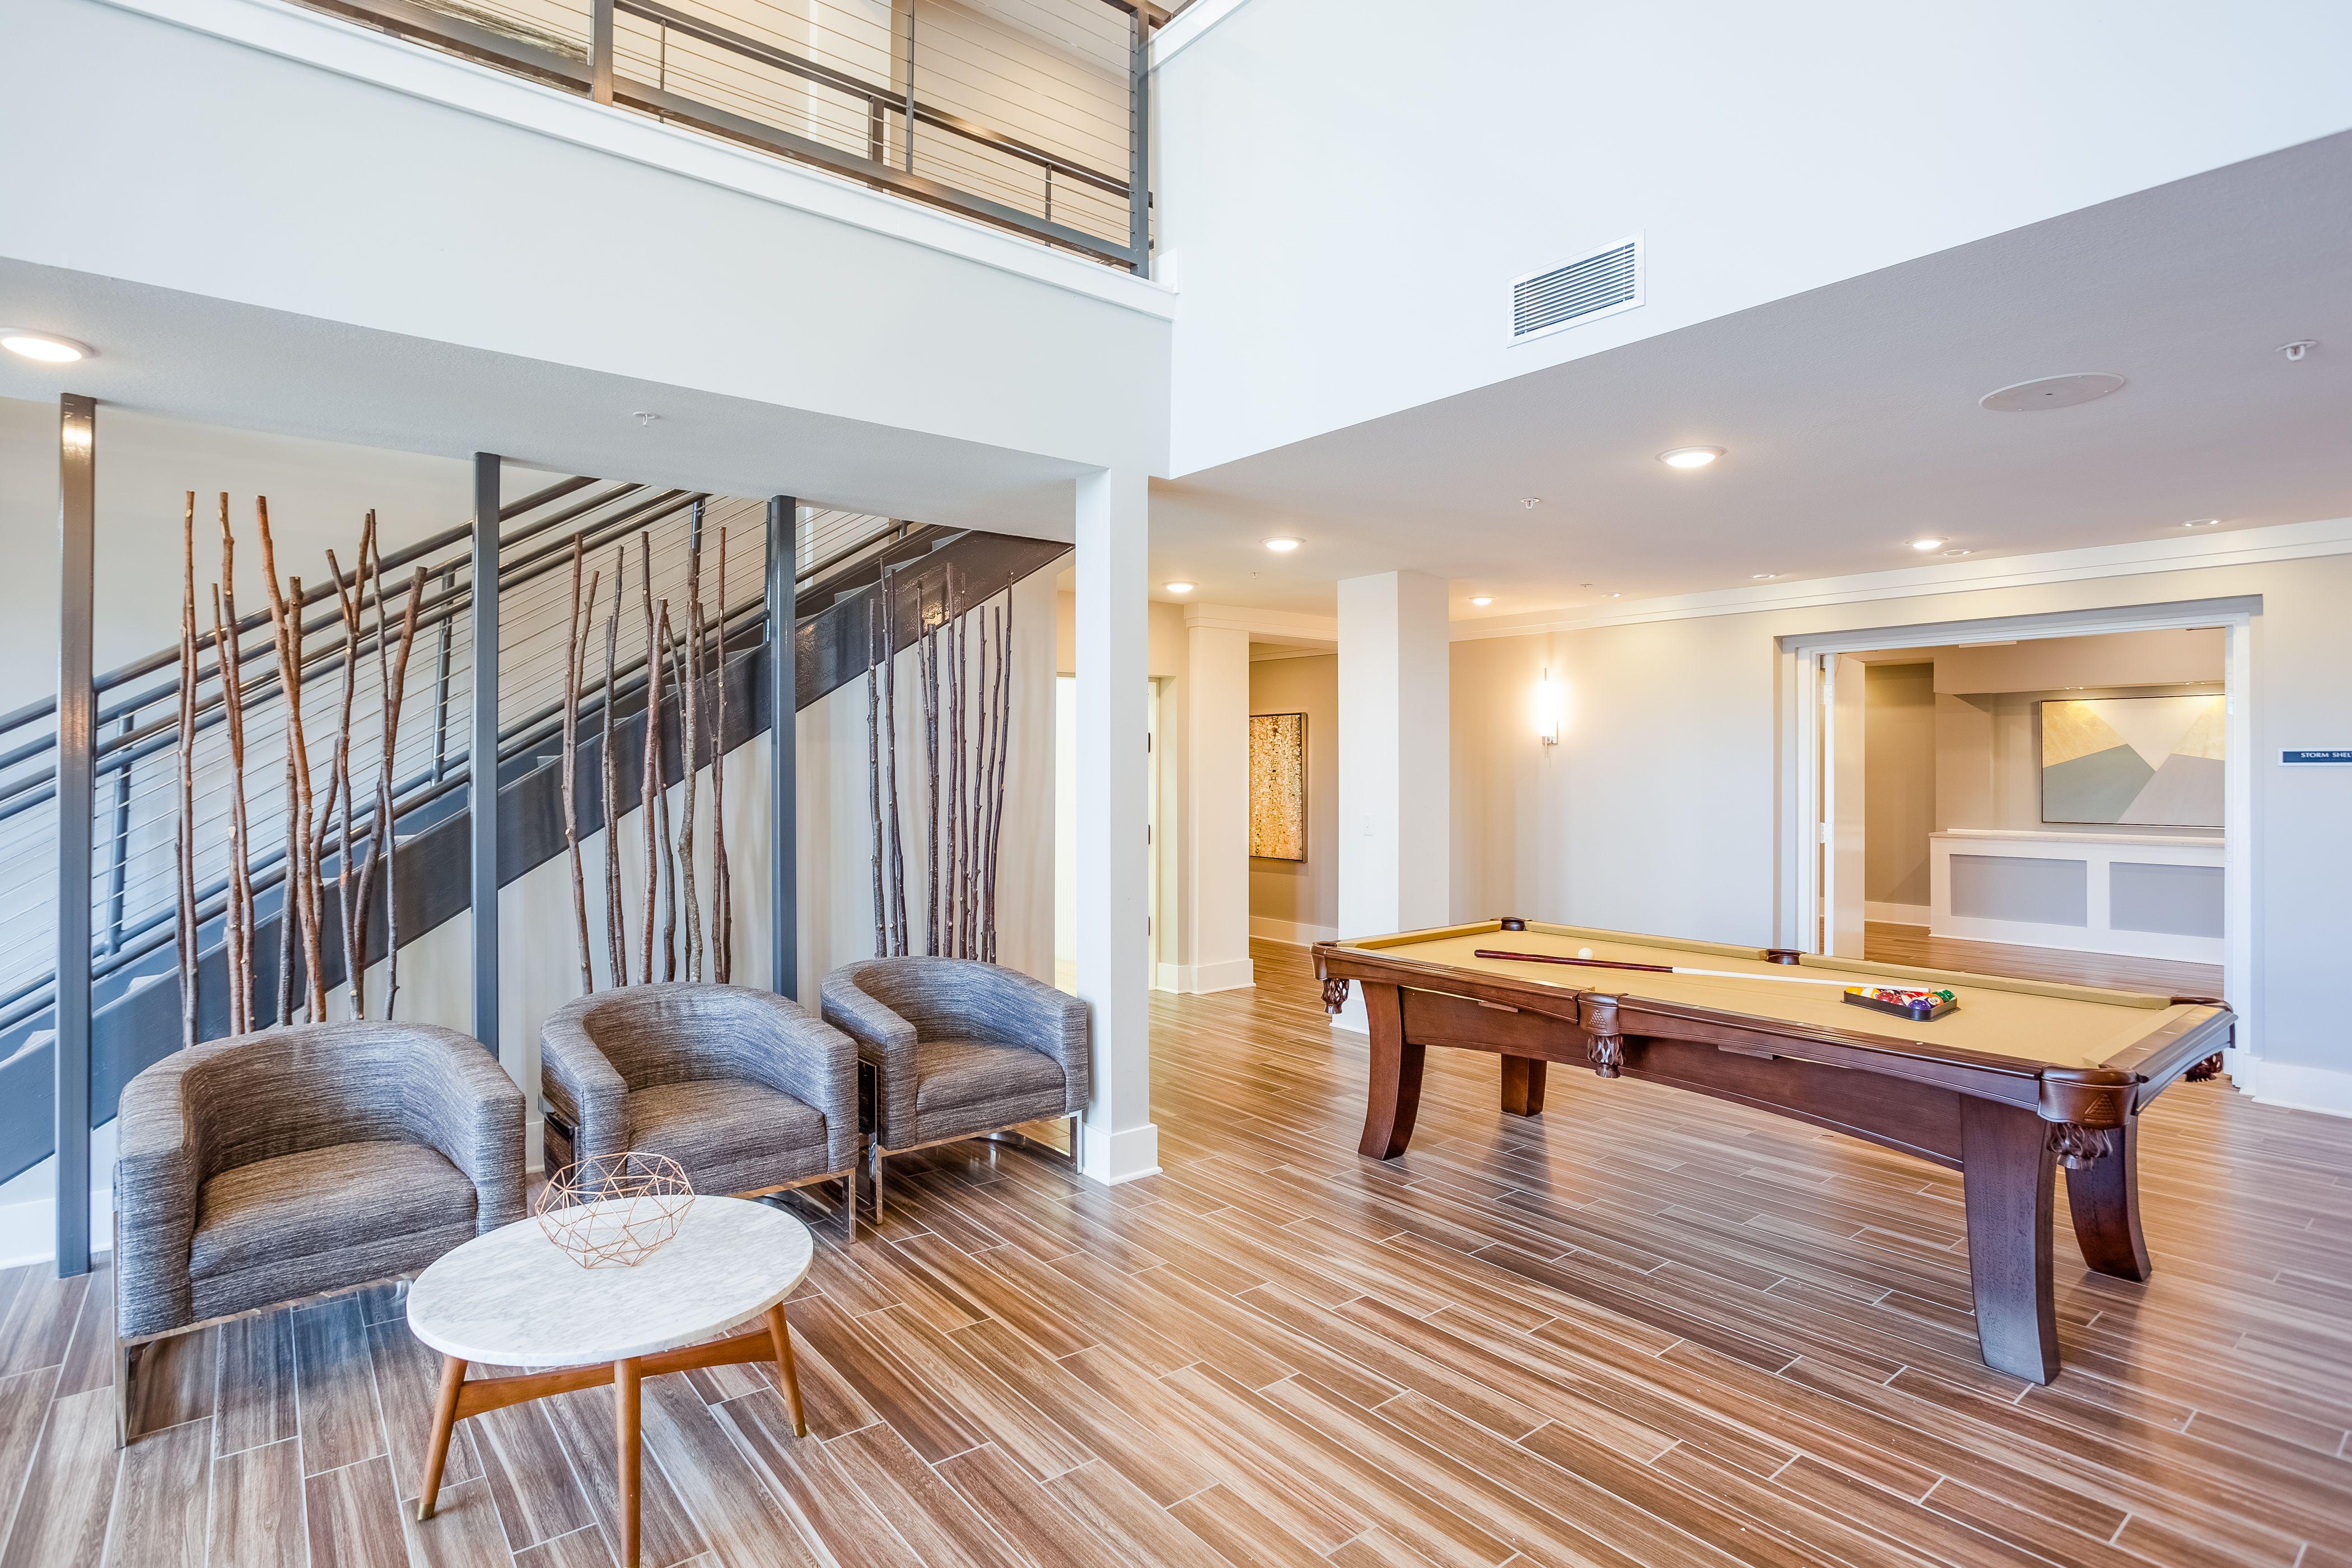 Prairie View At Village West Kansas City Ks Unique Floor Plans Apartment Communities